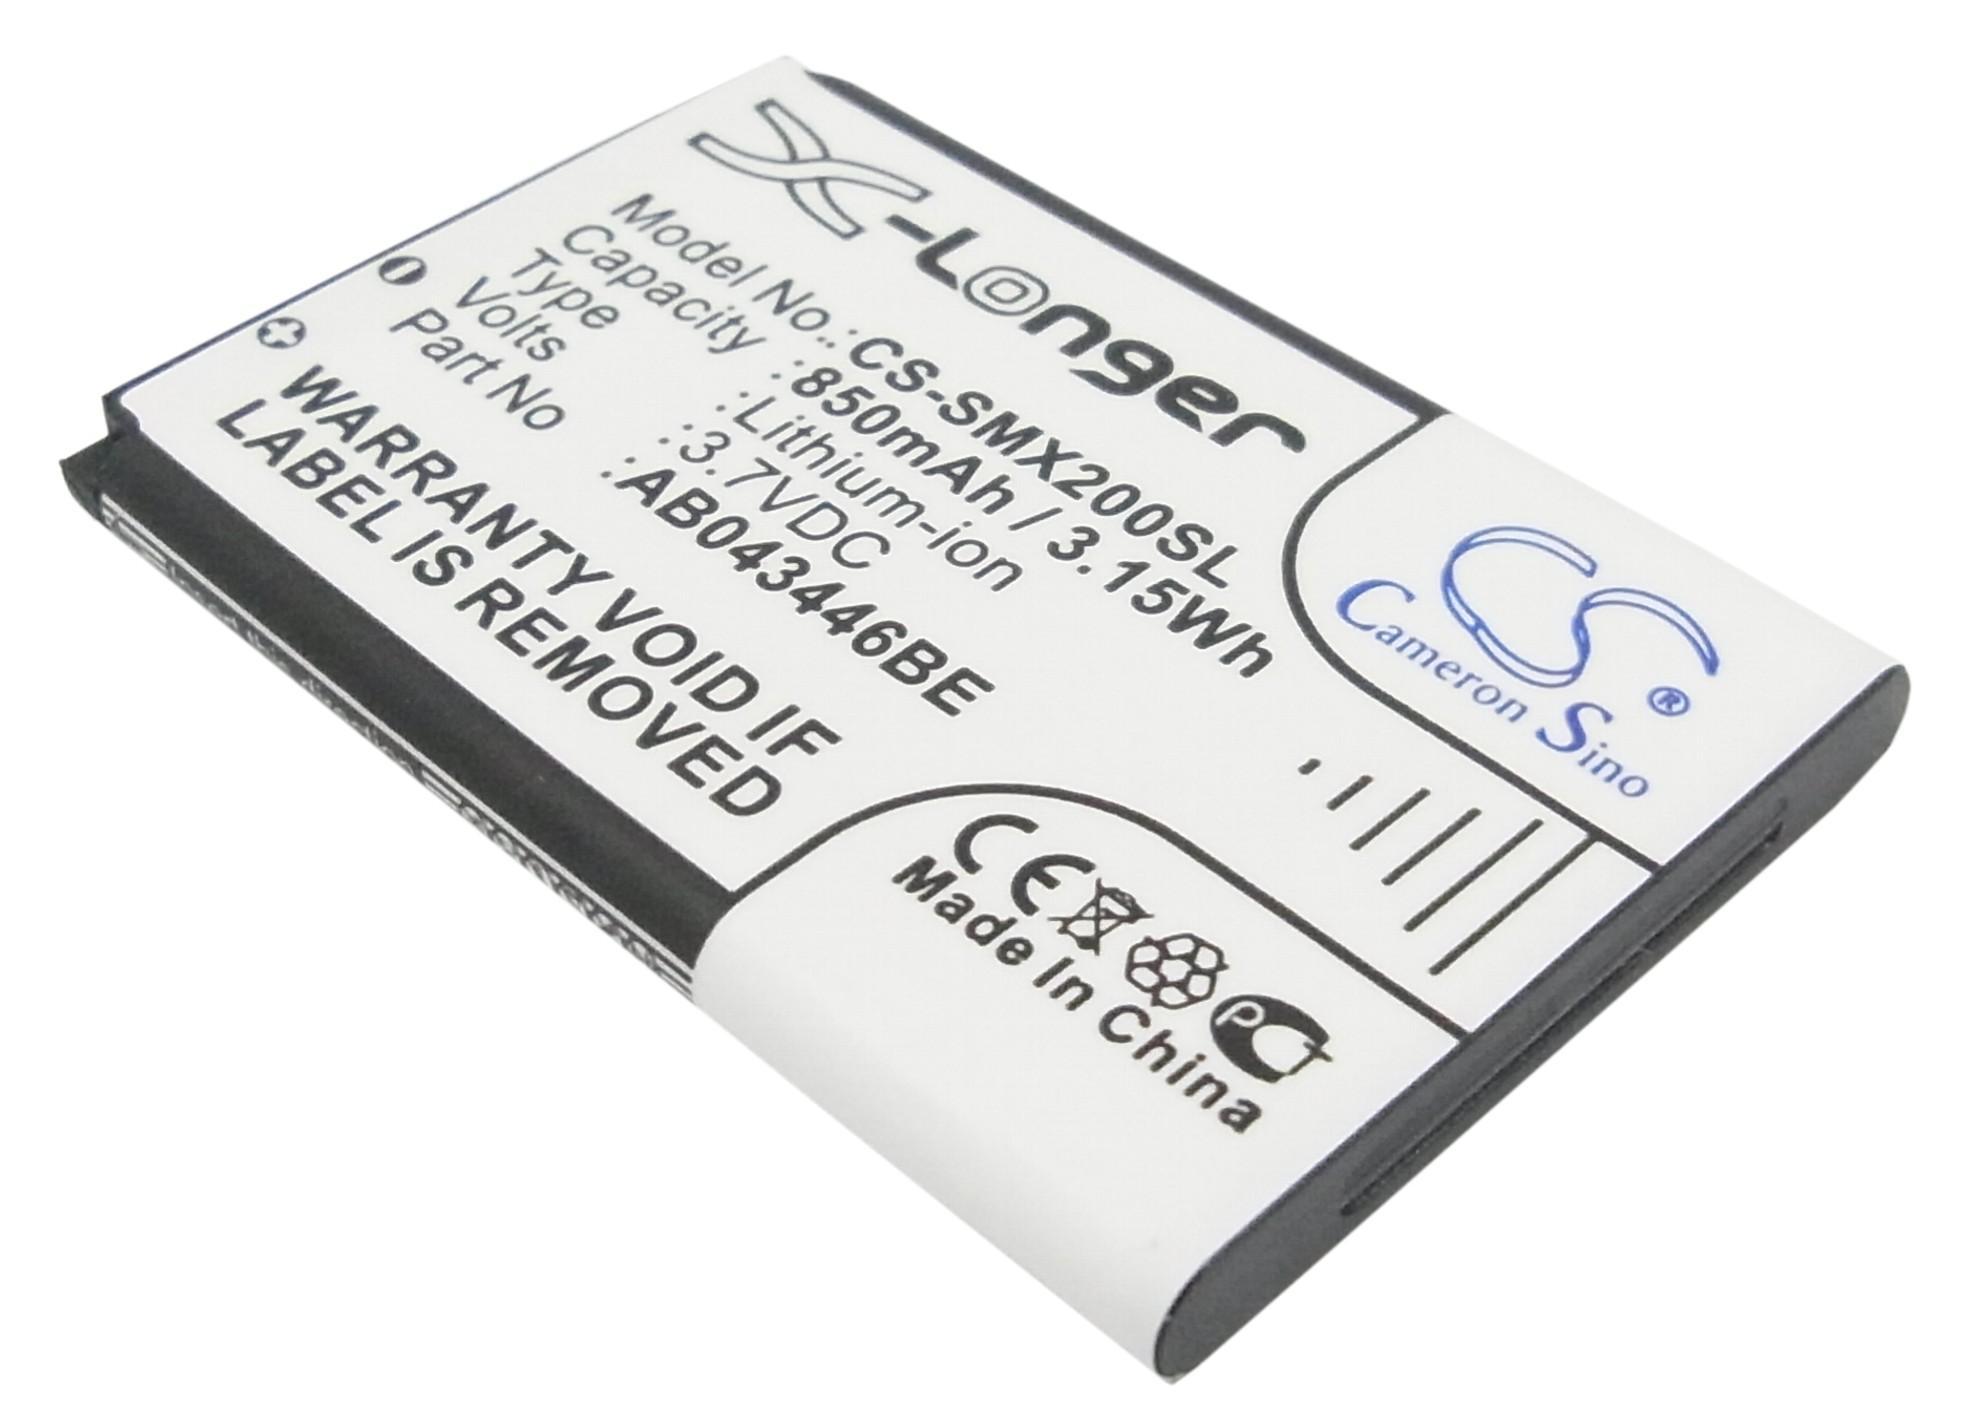 Cameron Sino baterie do mobilů pro SAMSUNG SGH-E210 3.7V Li-ion 850mAh černá - neoriginální